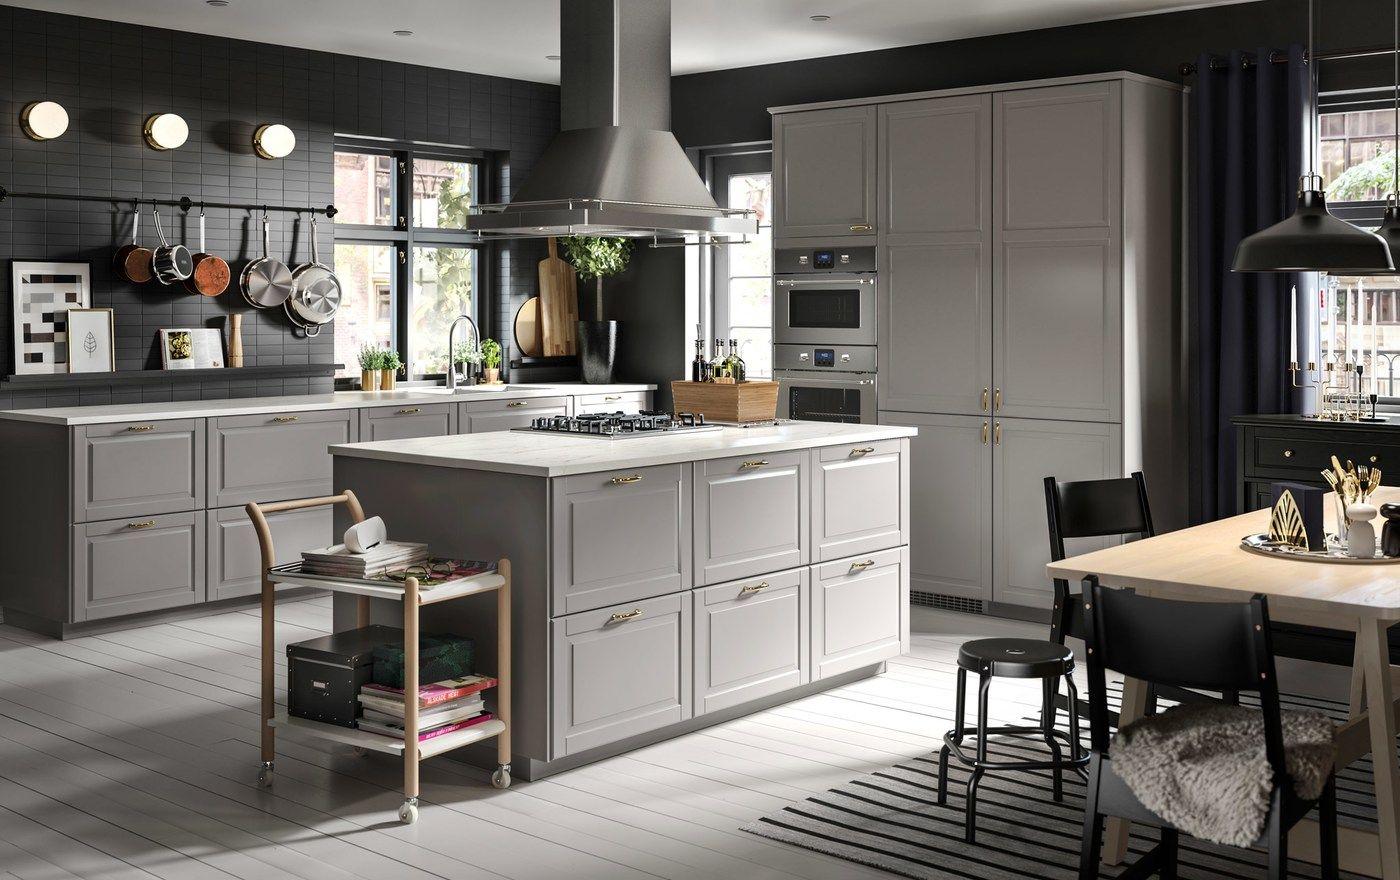 Tradicni Vzhled Pro Moderni Kuchare In 2020 Modern Keukenontwerp Keuken Ontwerp Moderne Keukens